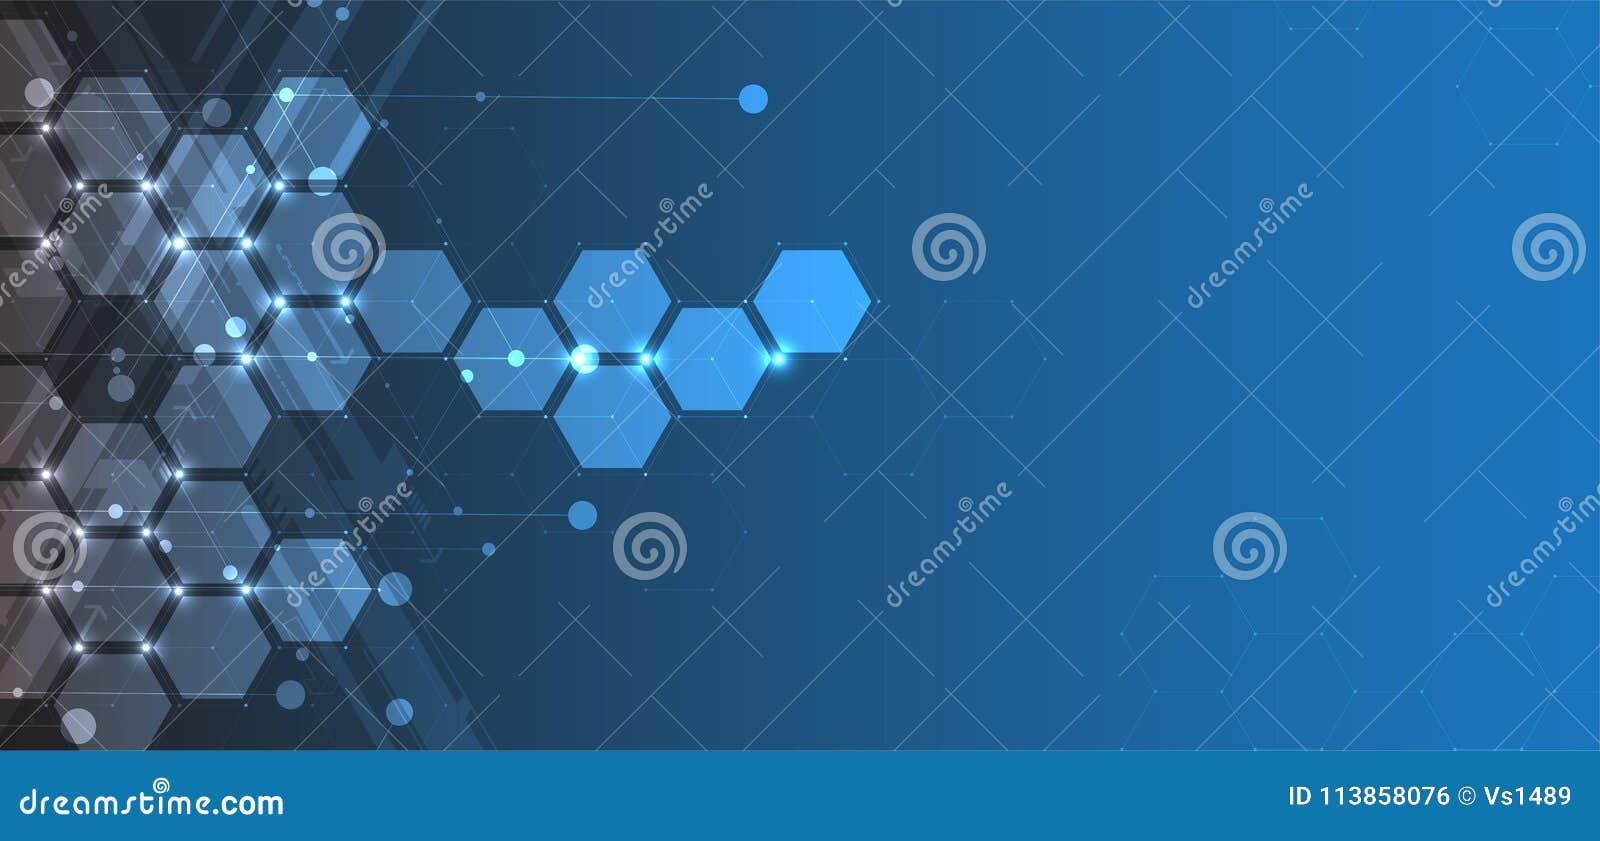 Sześciokąt abstrakcyjne tło Technologia poligonalny projekt Digita